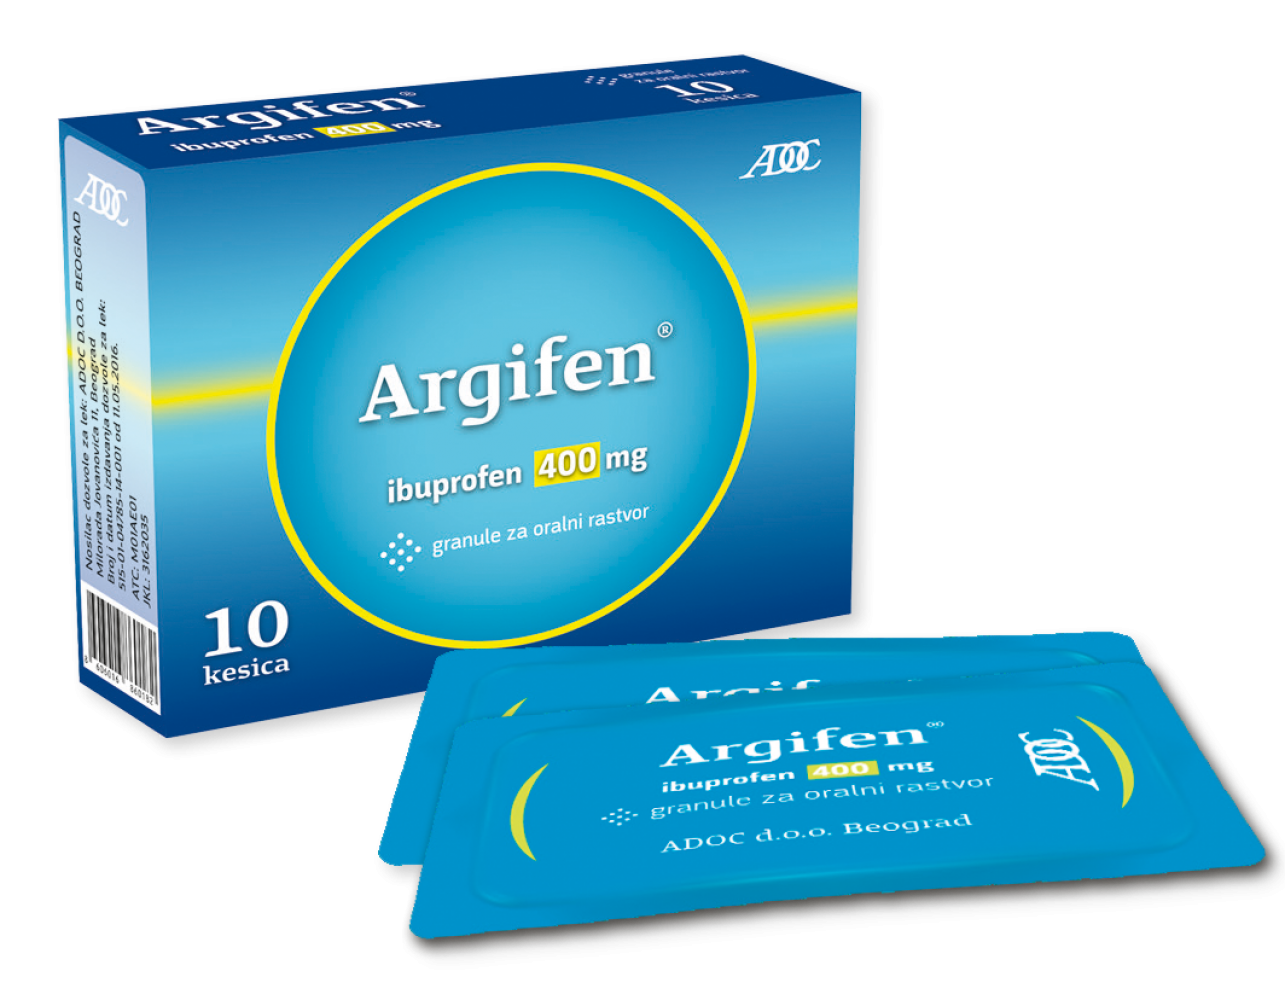 argifen